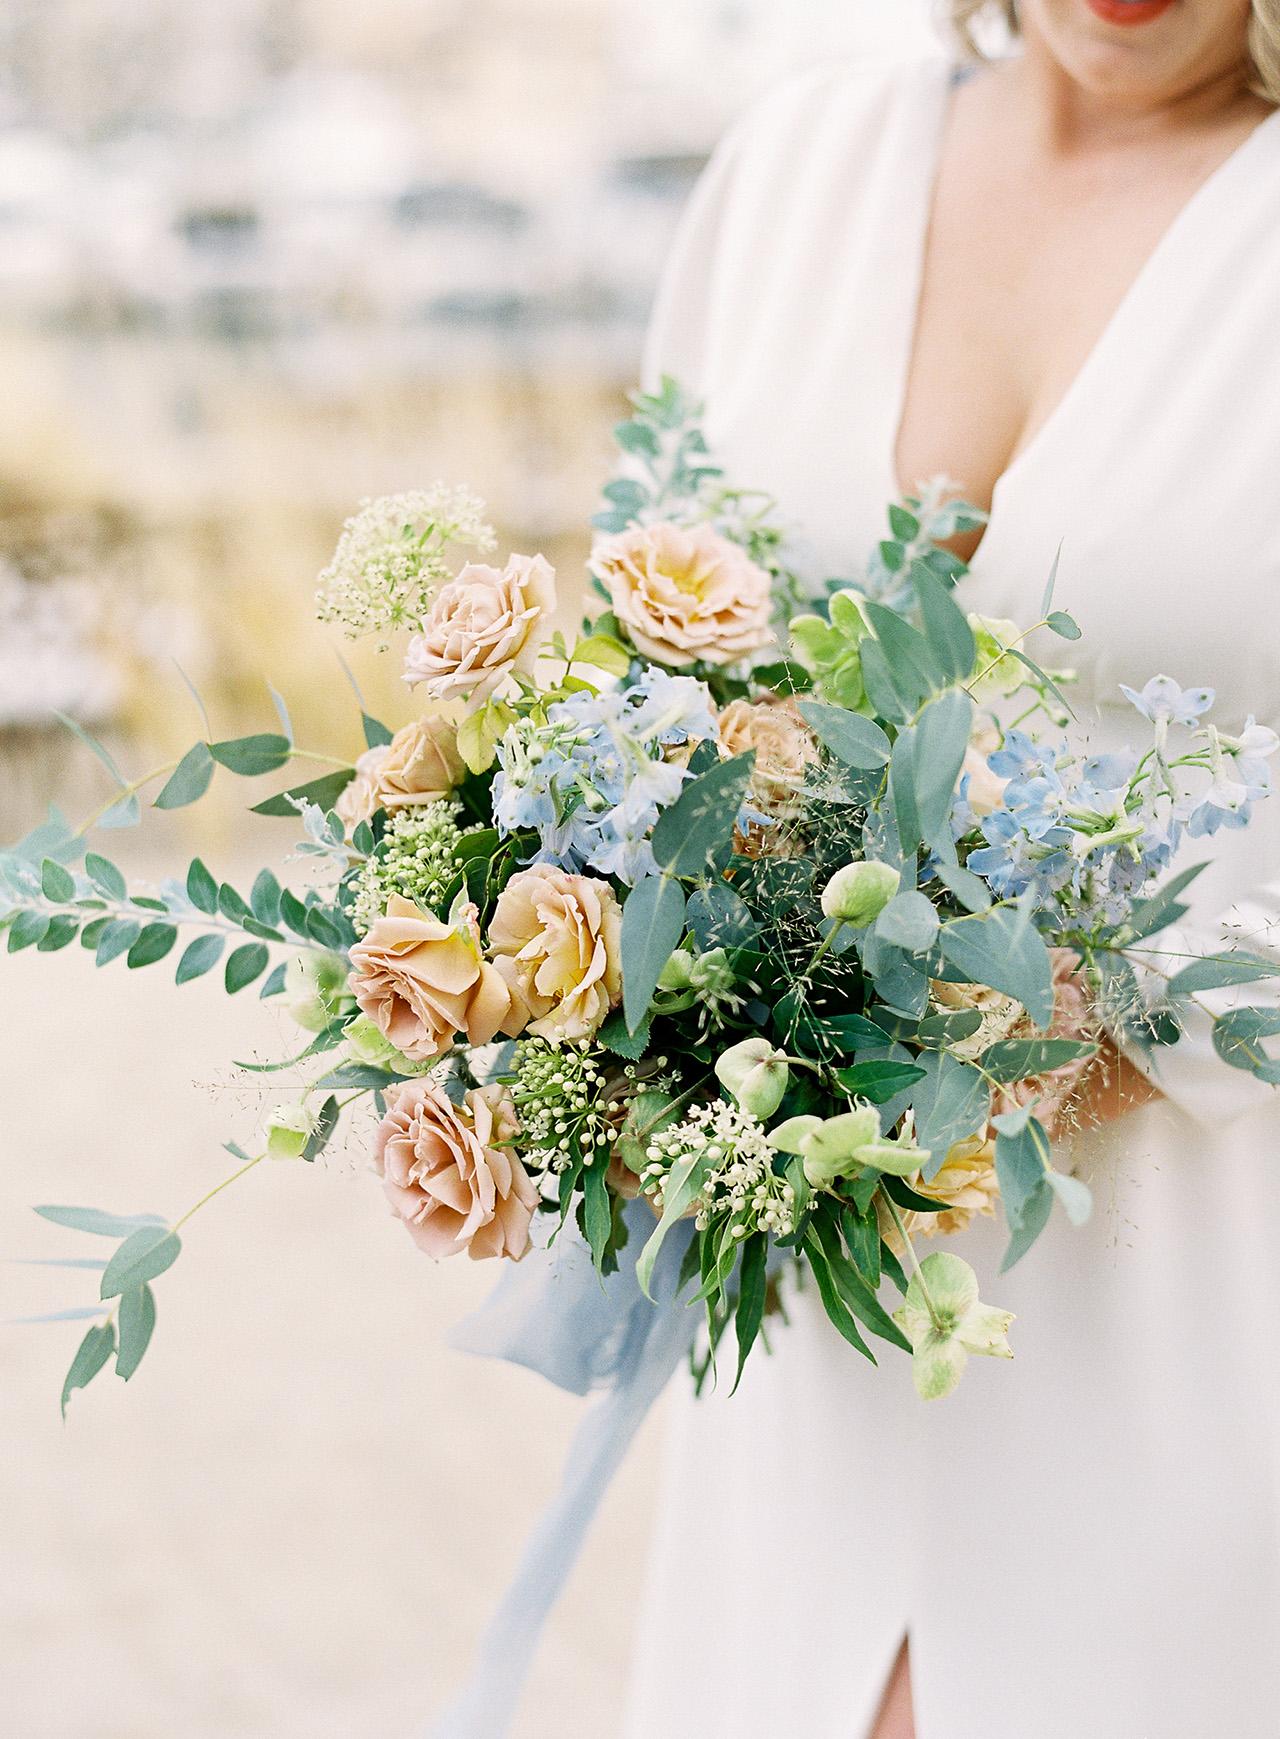 janelle stephen wedding bouquet